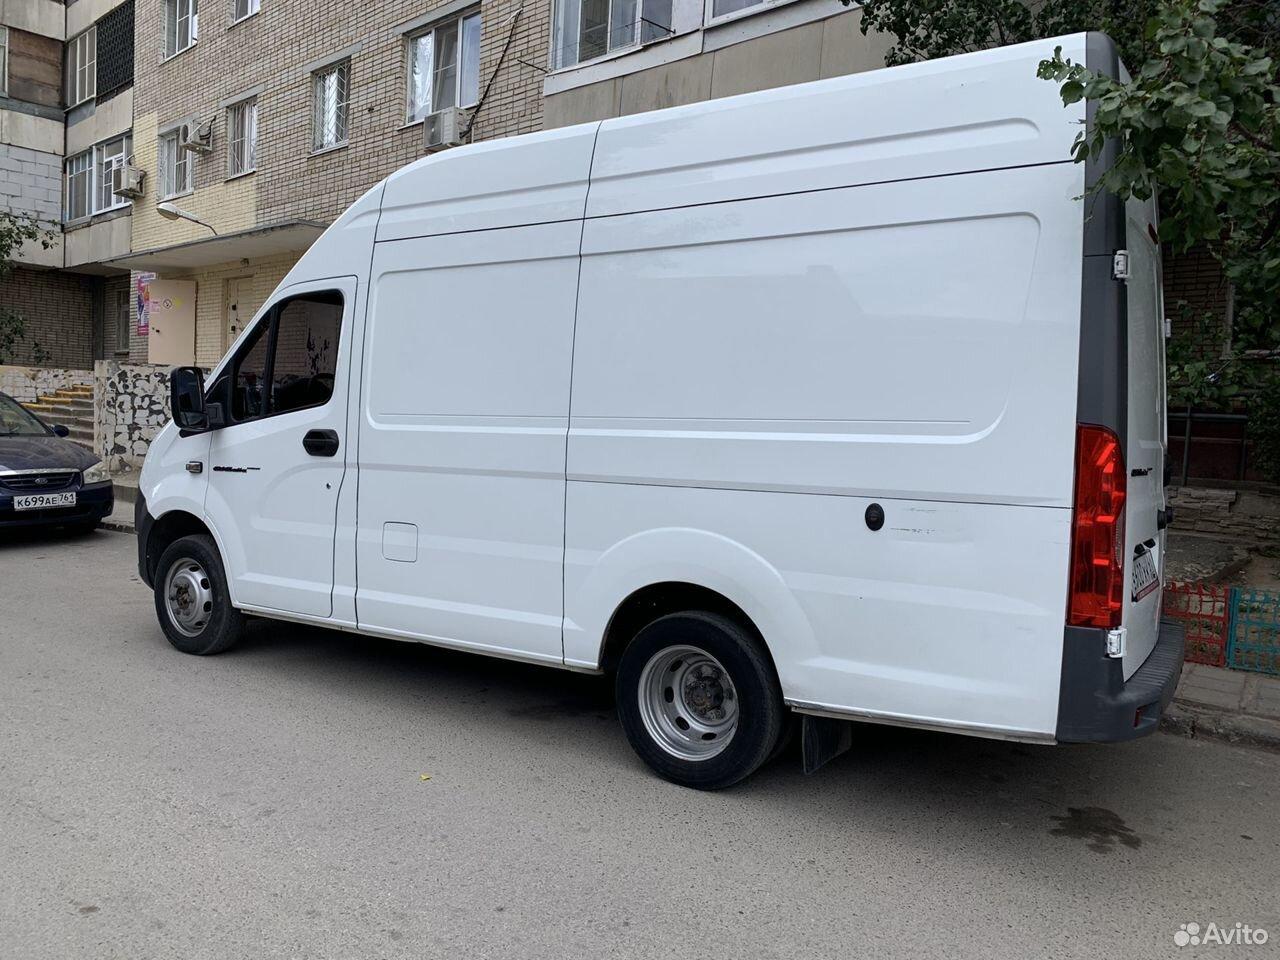 ГАЗ ГАЗель Next, 2017  89613130600 купить 1